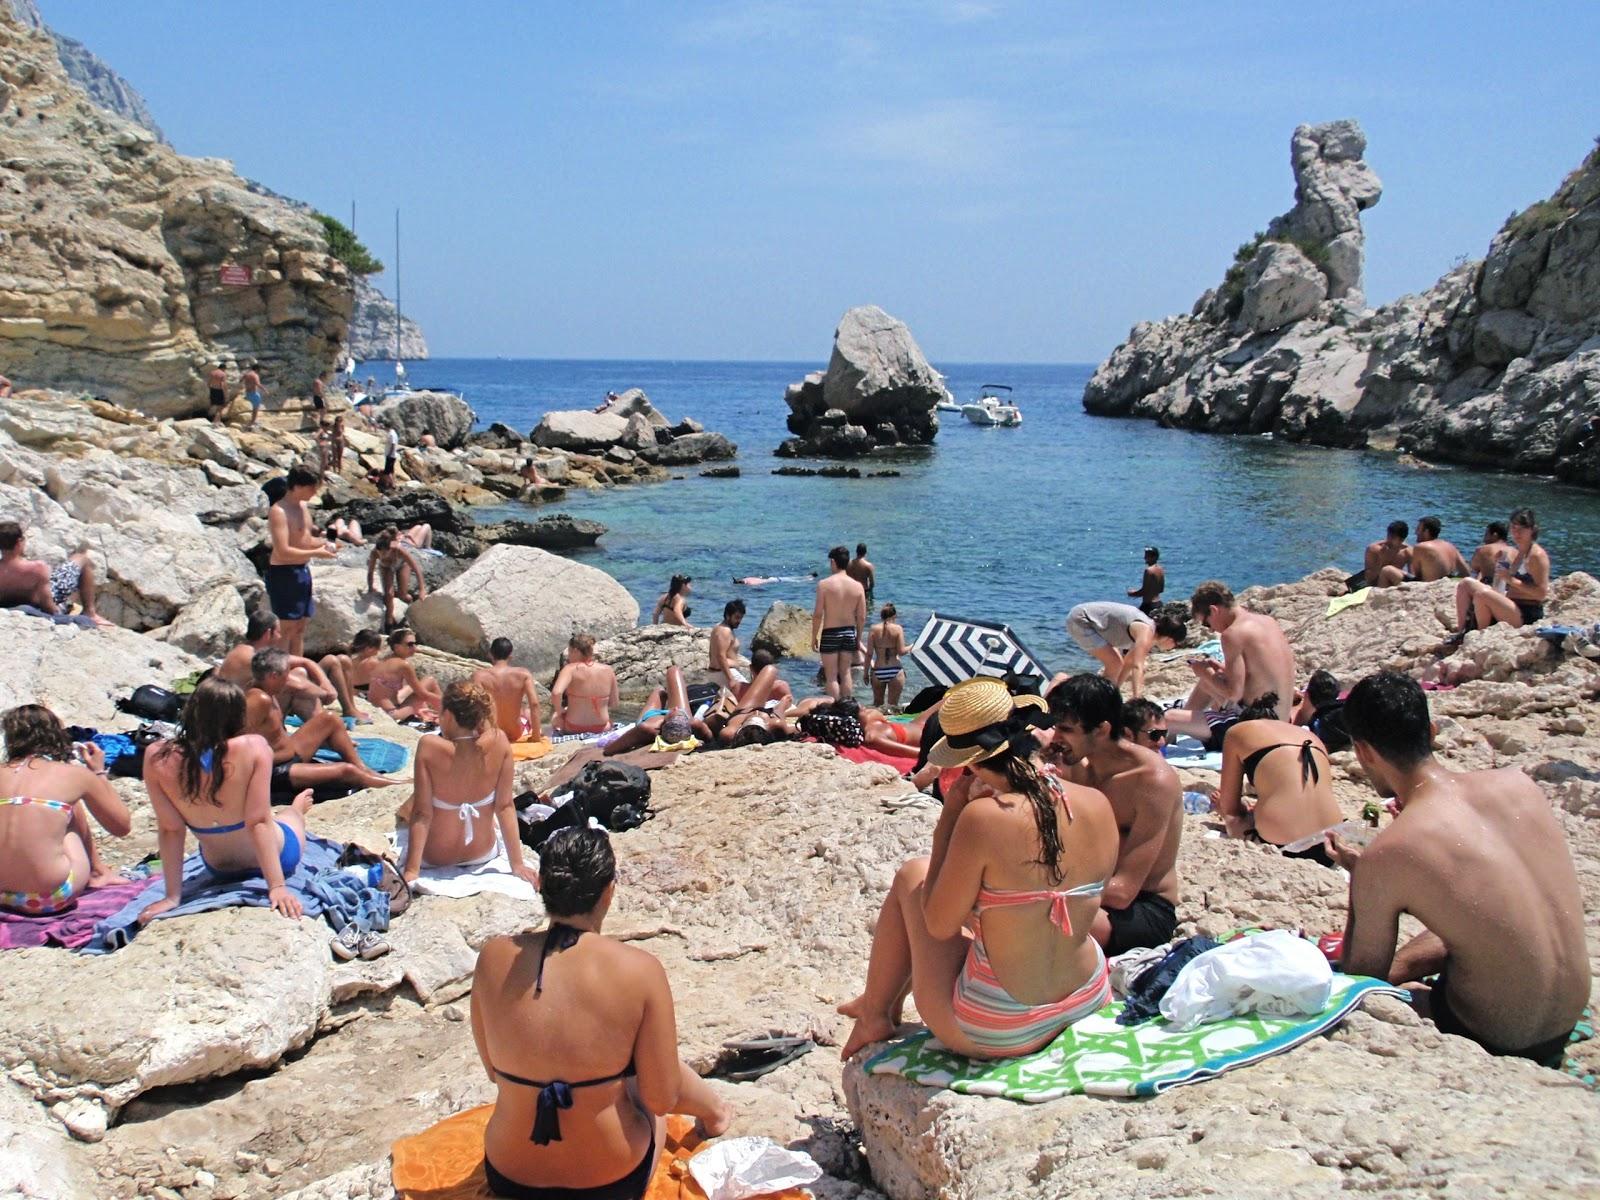 Нудиские пляжи украины фото